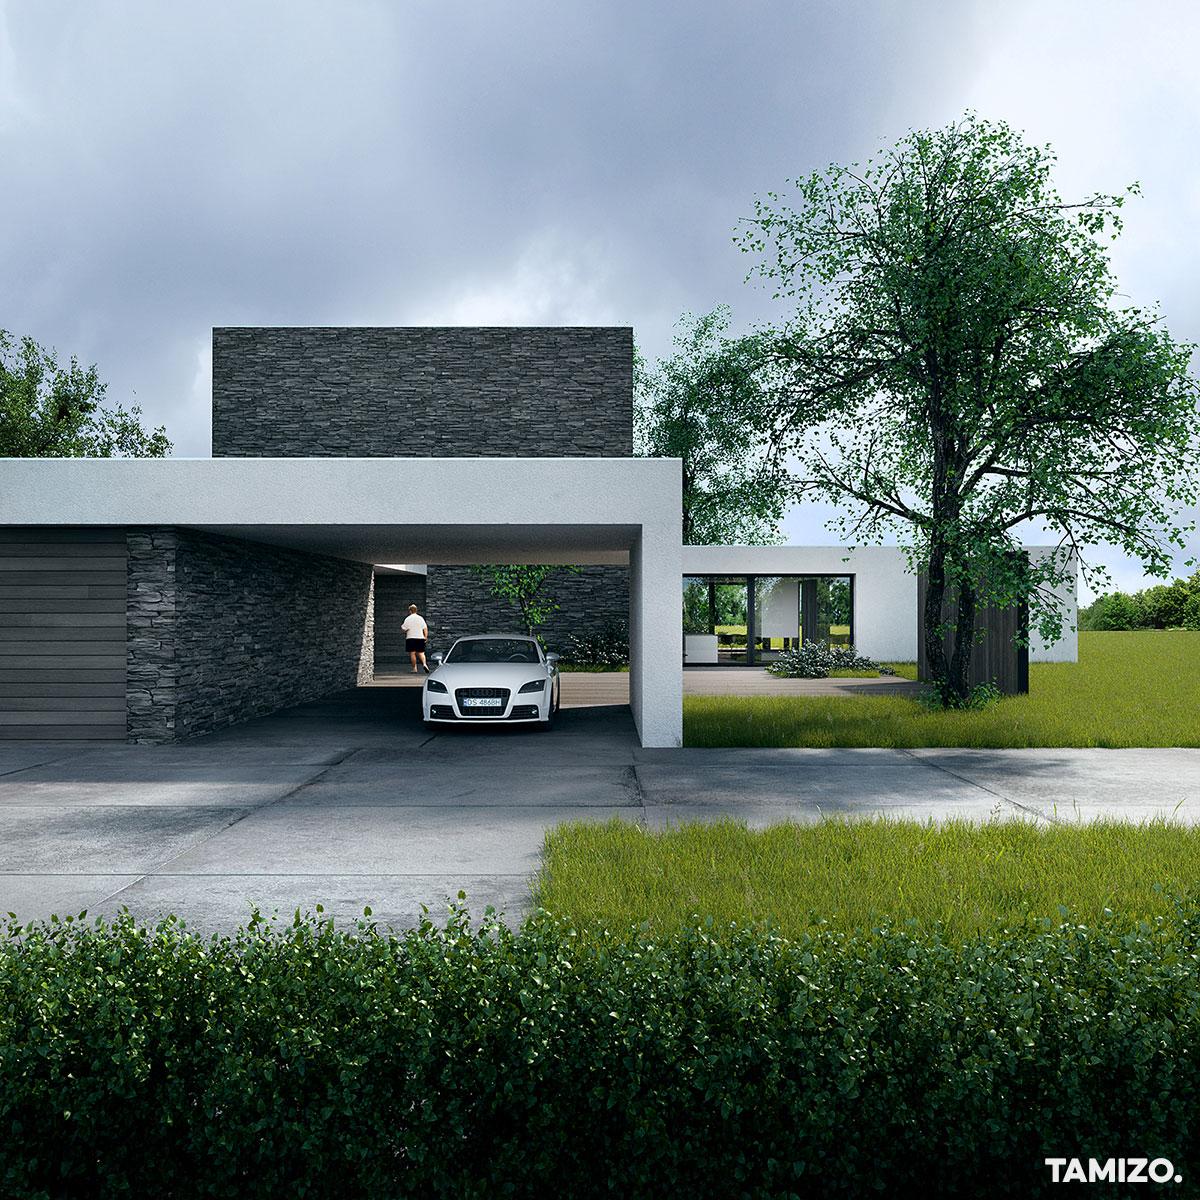 A067_architektura_tamizo_projekt_dom_wieza_rezydencja_minimal_house_design_rzeszow_08